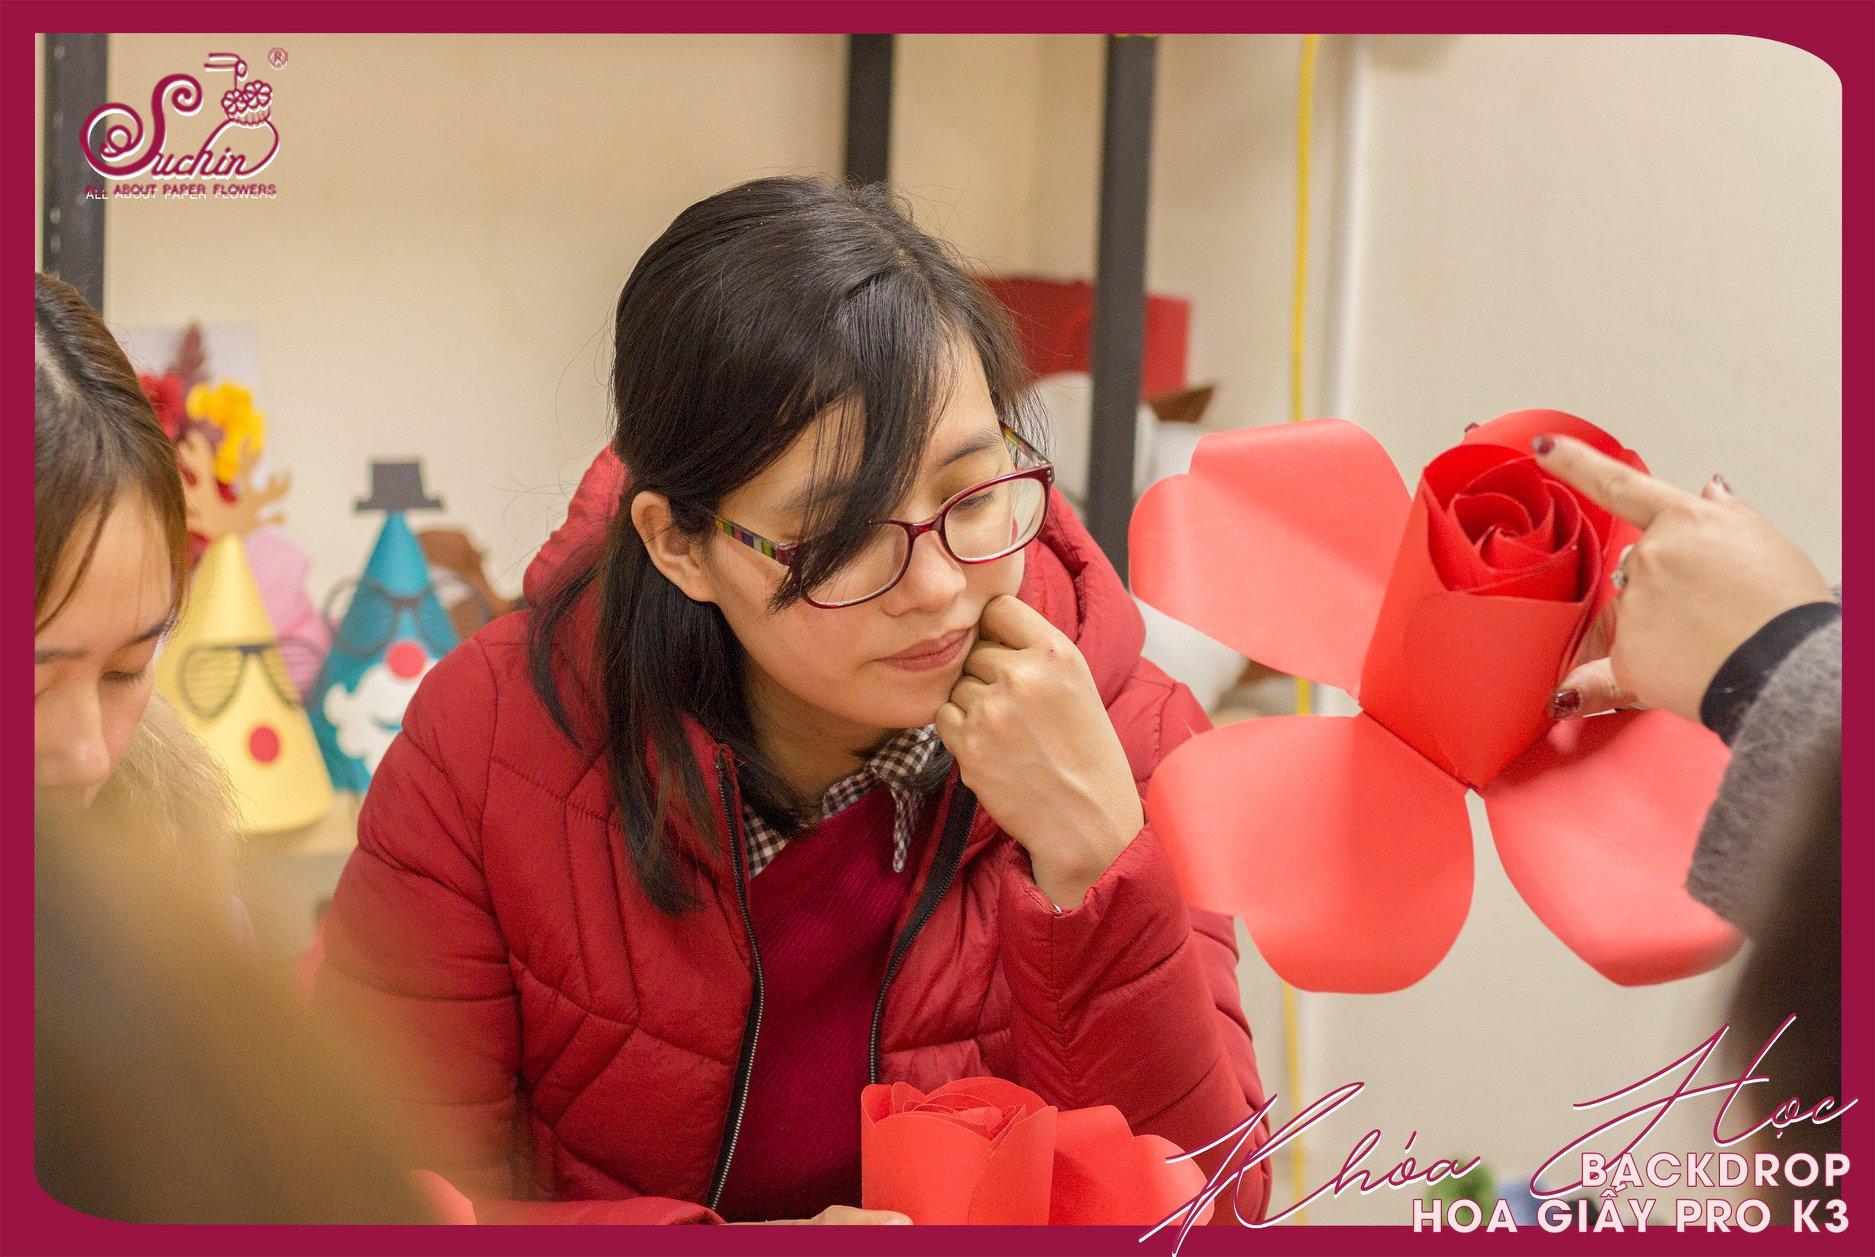 Có gì mới tại Khóa học hoa giấy tổng hợp?